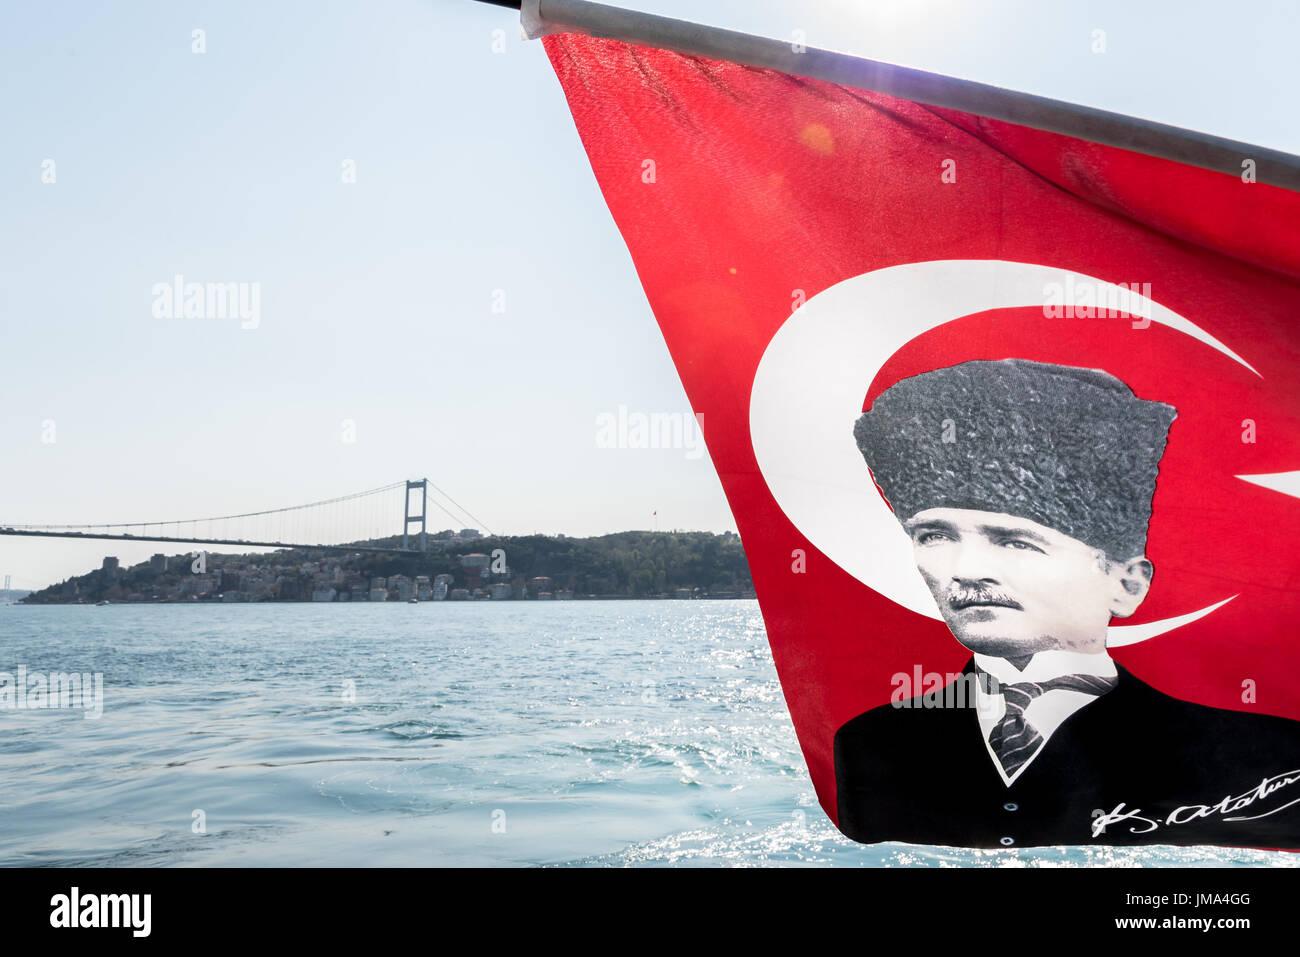 Vistas del Bósforo, la costa y el mar bahía desde el ferry con bandera turca sobre la imagen de Ataturk (Padre de los turcos)ondeando en el viento, Beykoz de Estambul Imagen De Stock